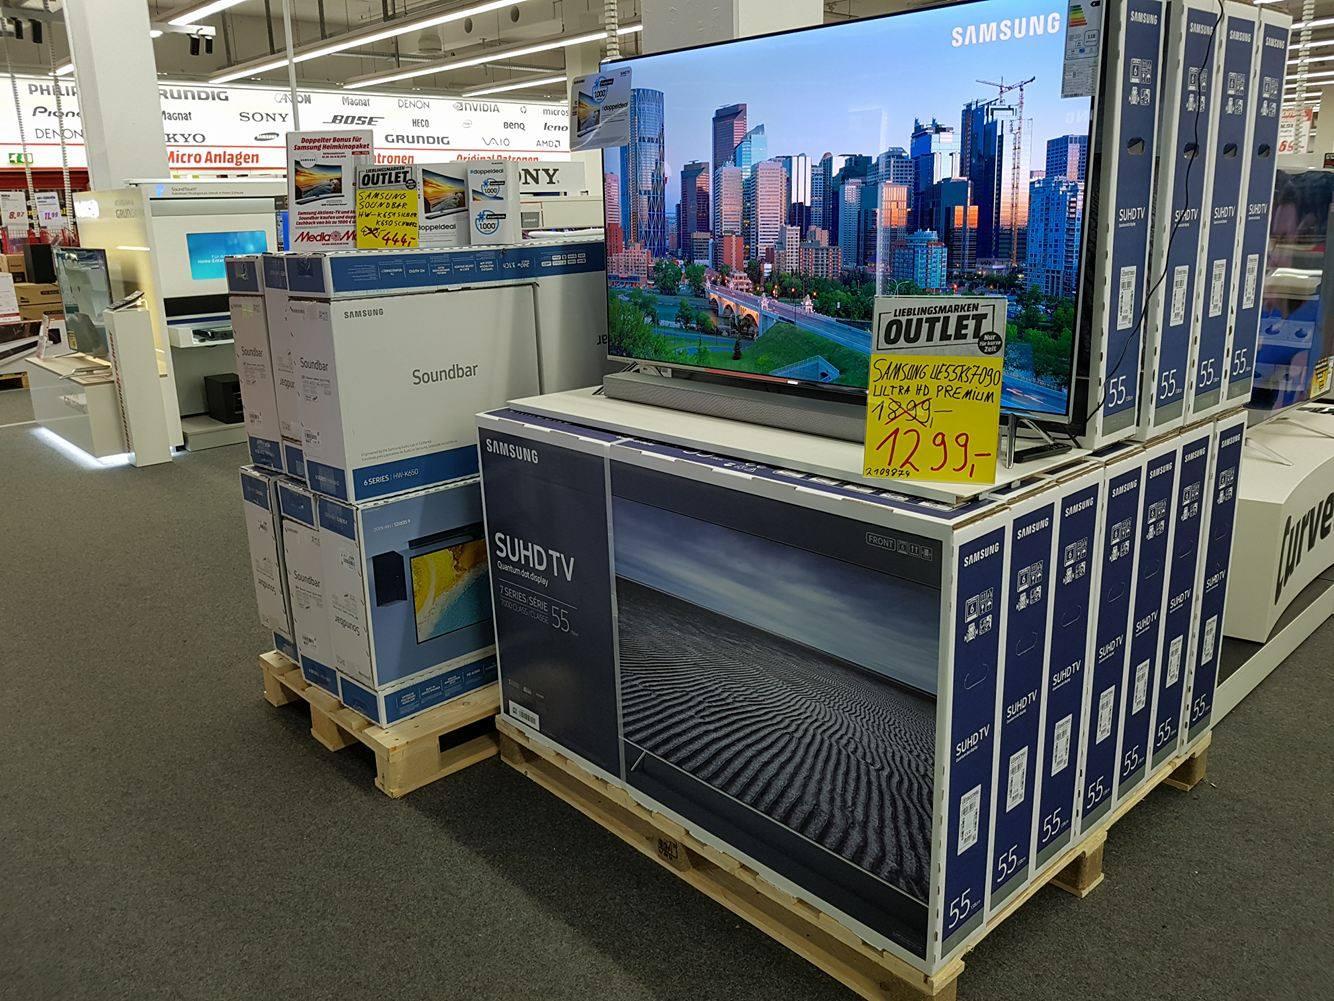 [Mediamarkt Nordhorn] Samsung UE55KS7090 1199,- statt 1899,- durch Angebotspreis und 100,- euro Cashback Smart TV Ultra HD Premium